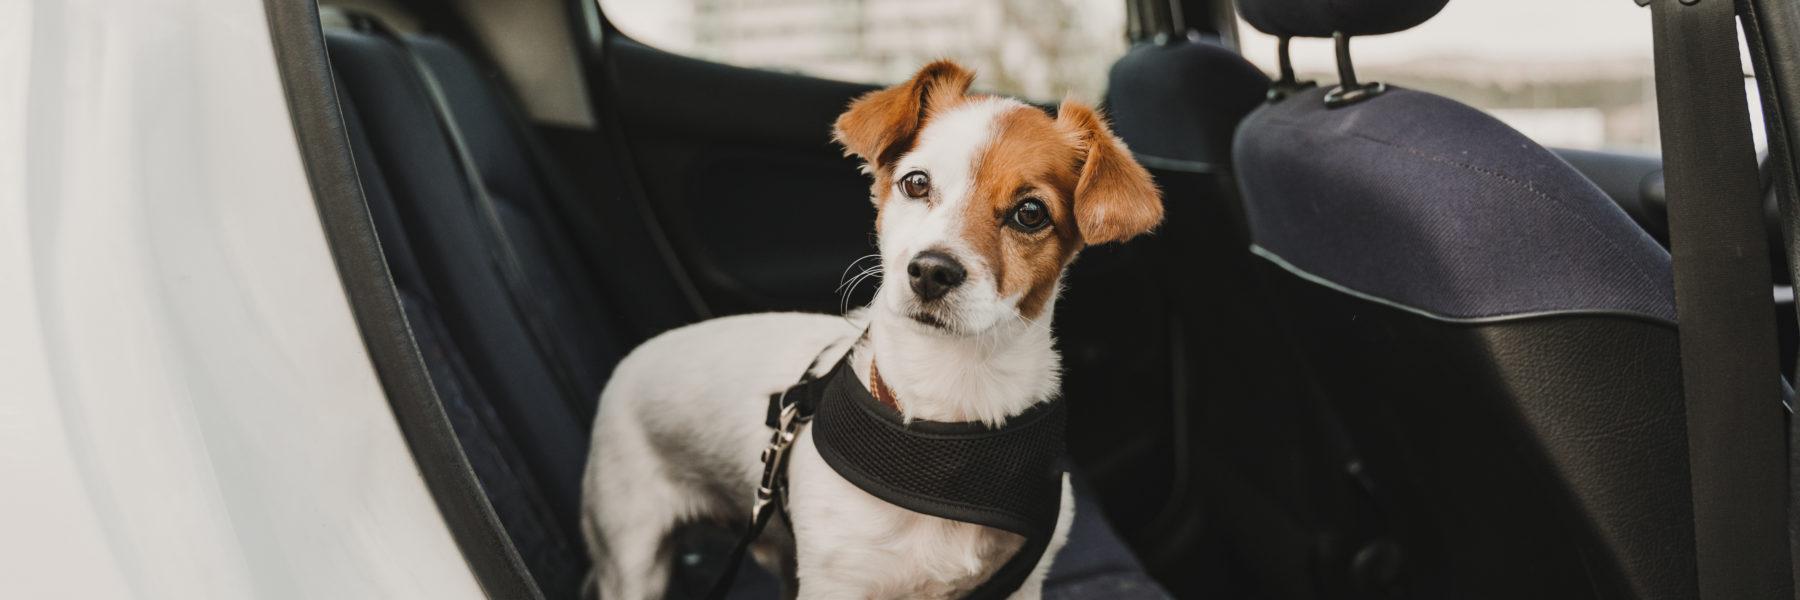 road trip dog safe harness